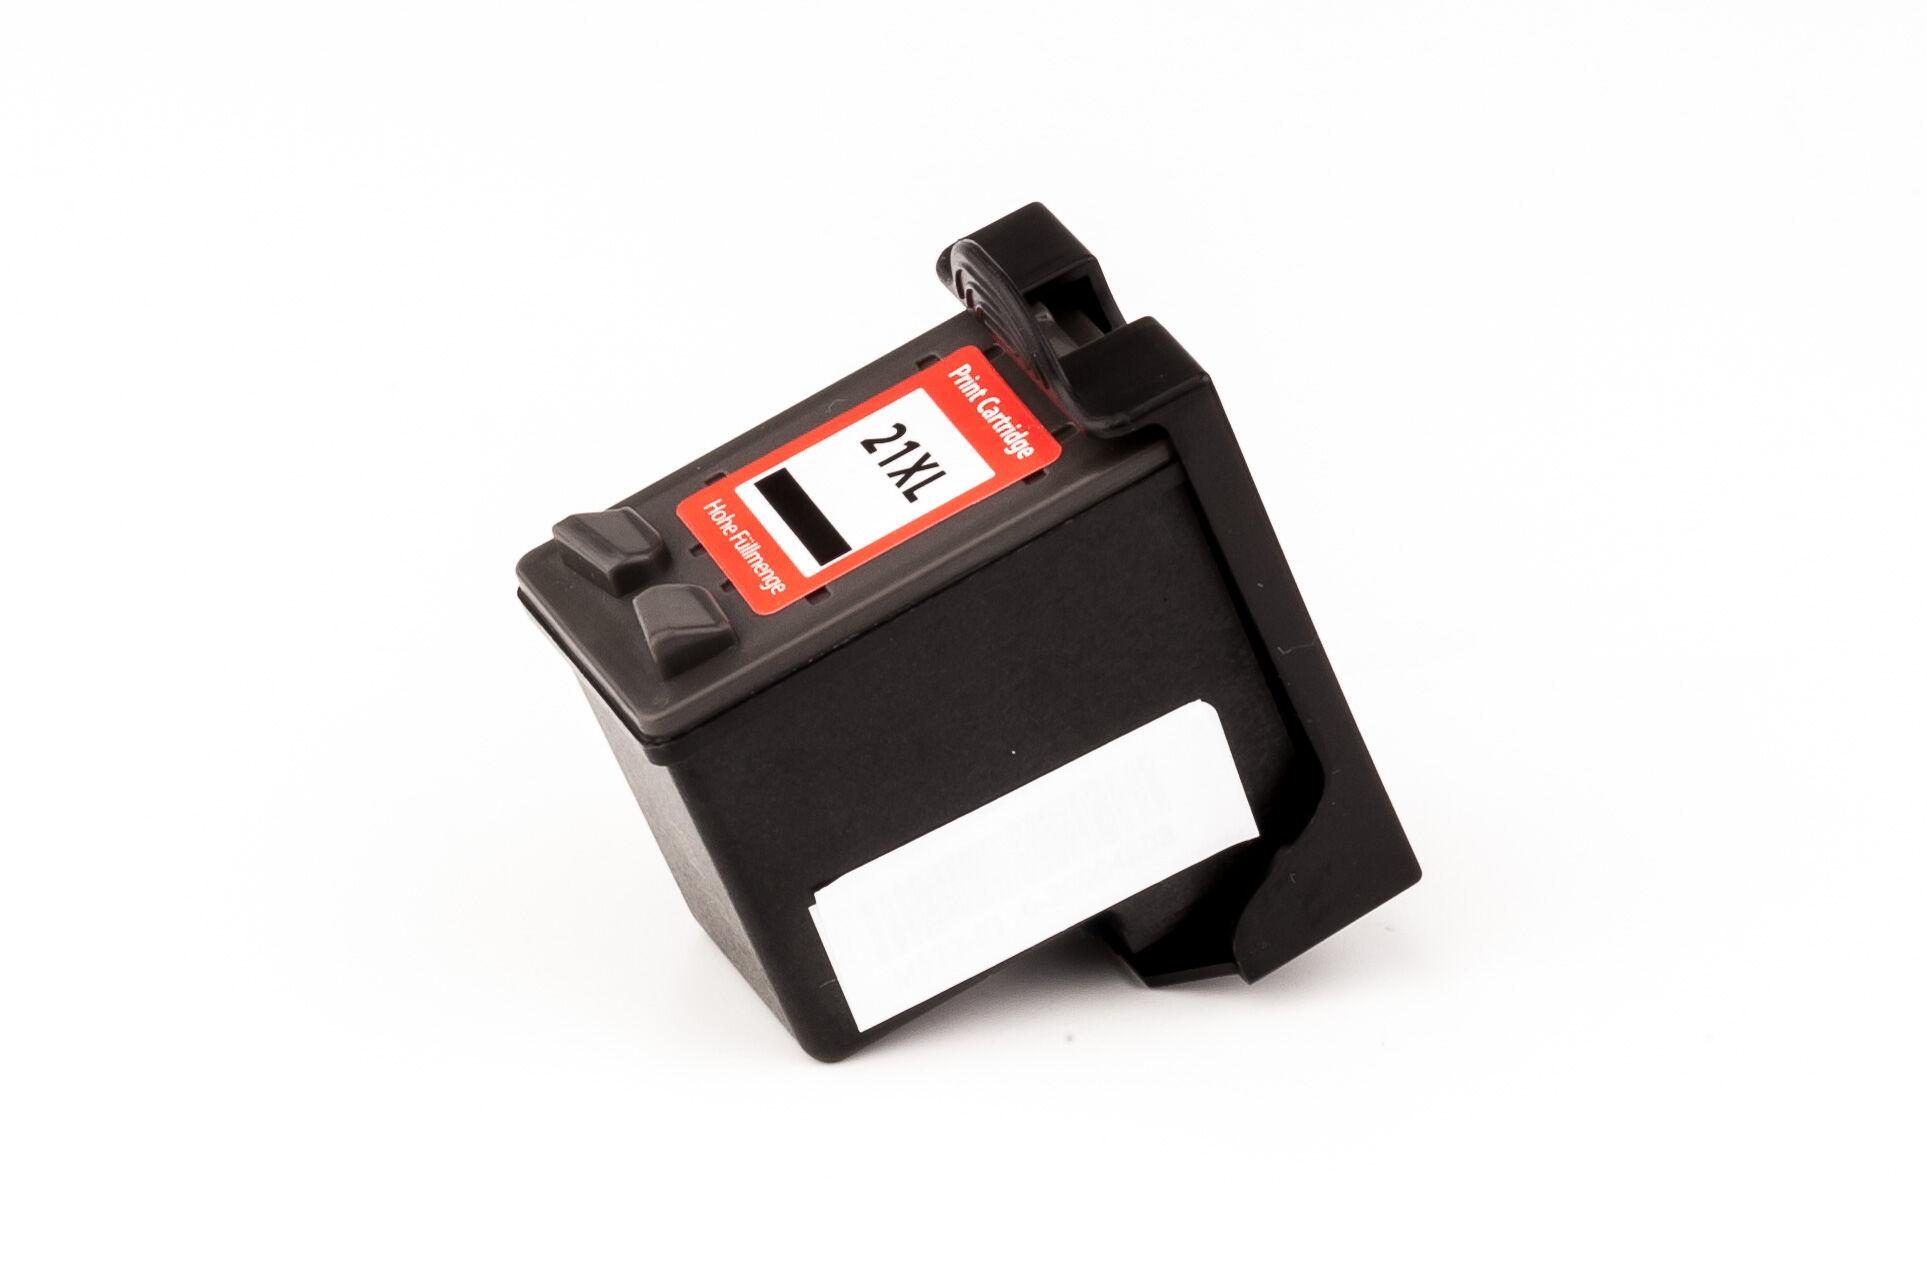 HP Cartouche d'encre pour HP C9351AE / 21 noir compatible (de marque ASC)